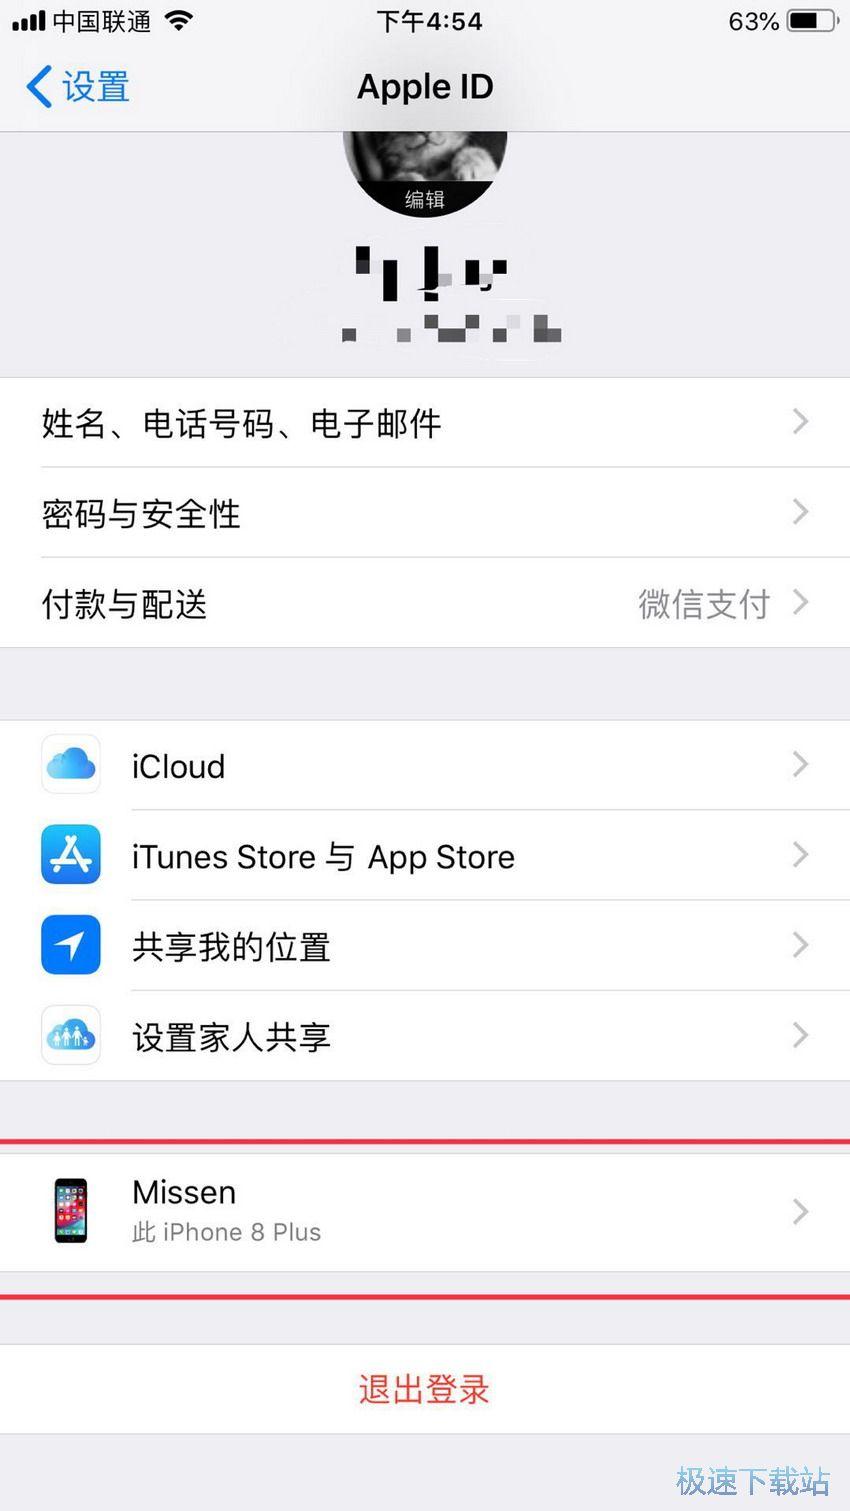 苹果手机怎么查看Apple ID登录了哪些设备? 缩略图